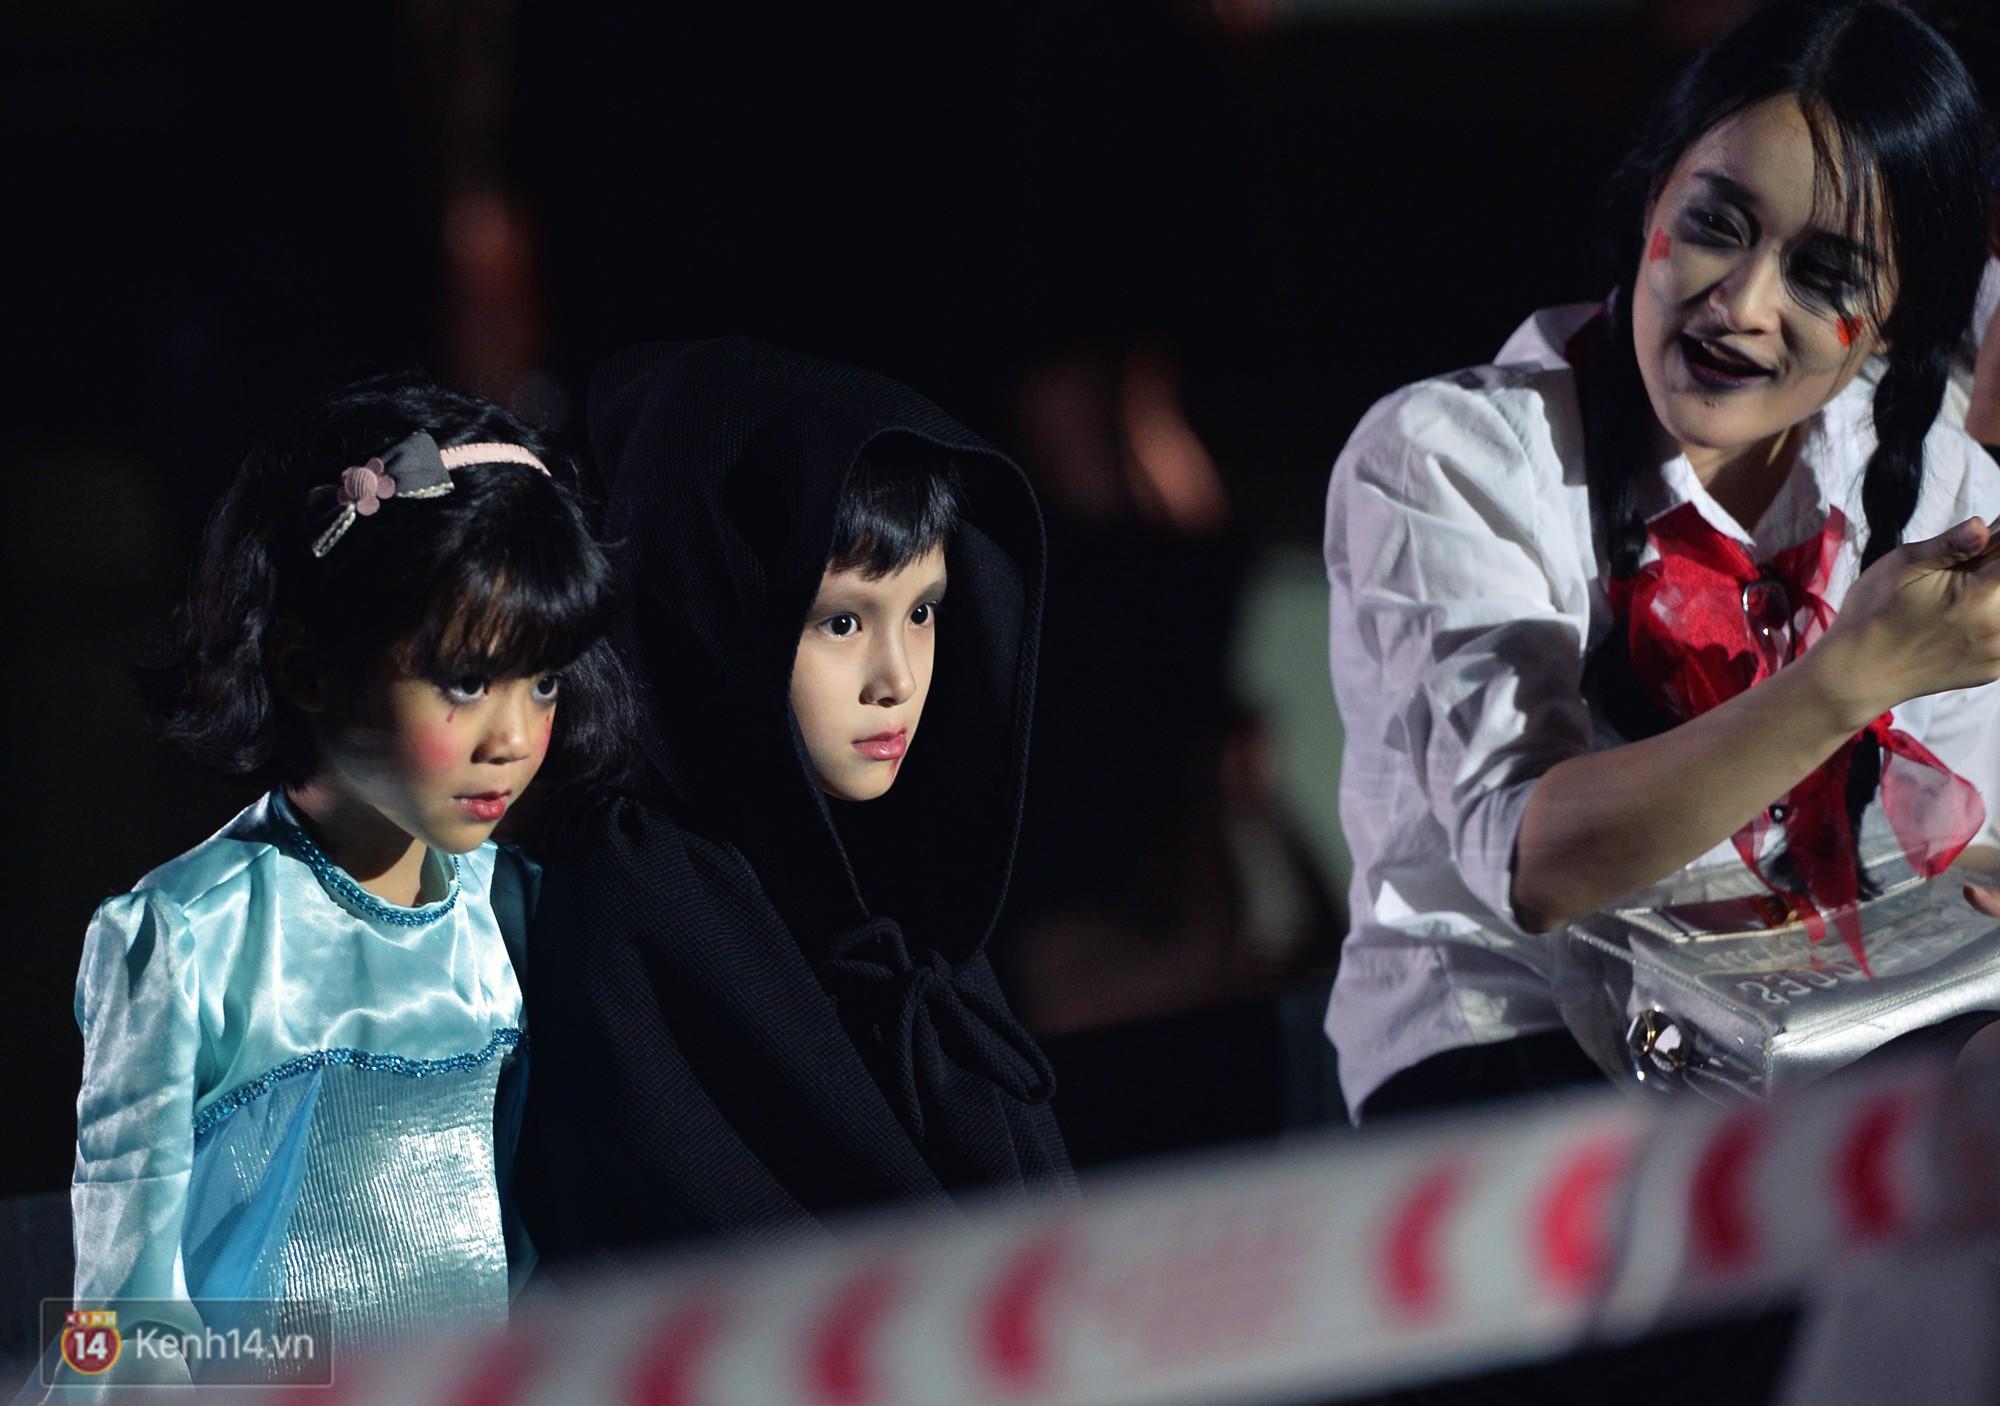 Màn hóa trang Halloween kinh dị nhất tại Đại học Mỹ Thuật Việt Nam - Ảnh 4.